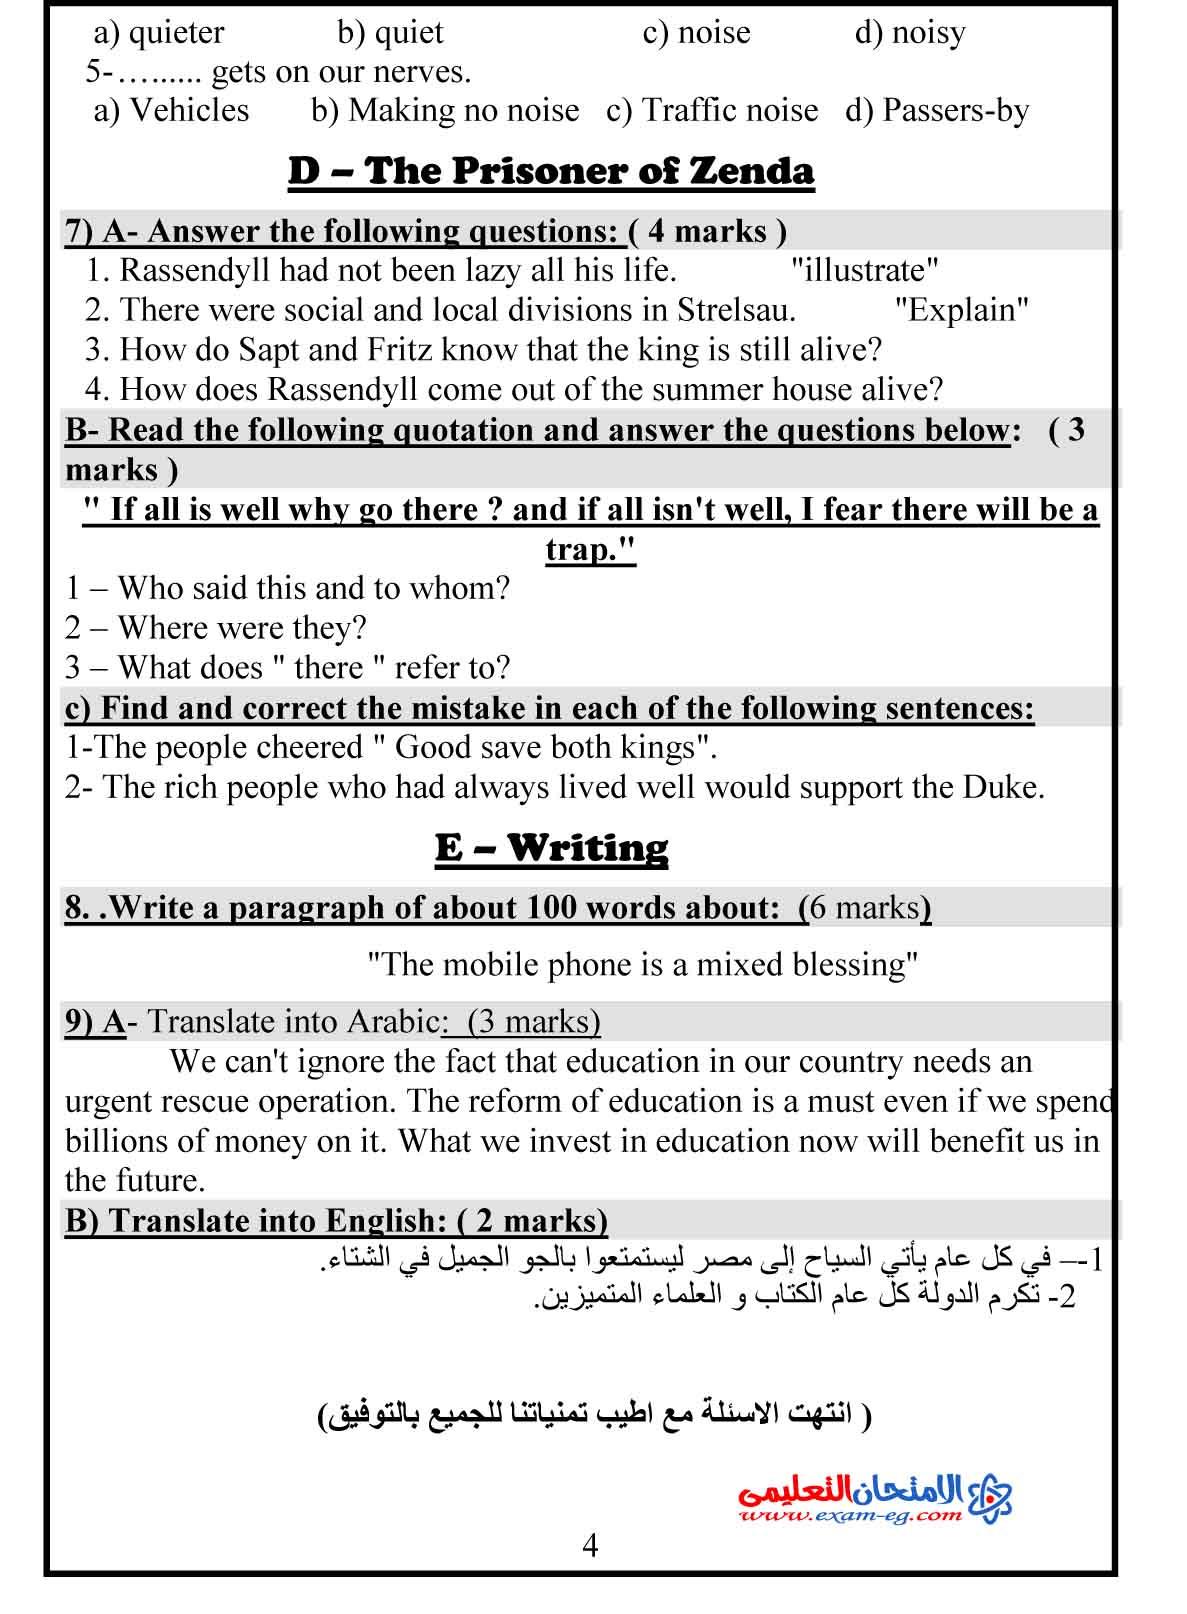 امتحان لغة انجليزية 2 - الامتحان التعليمى-4